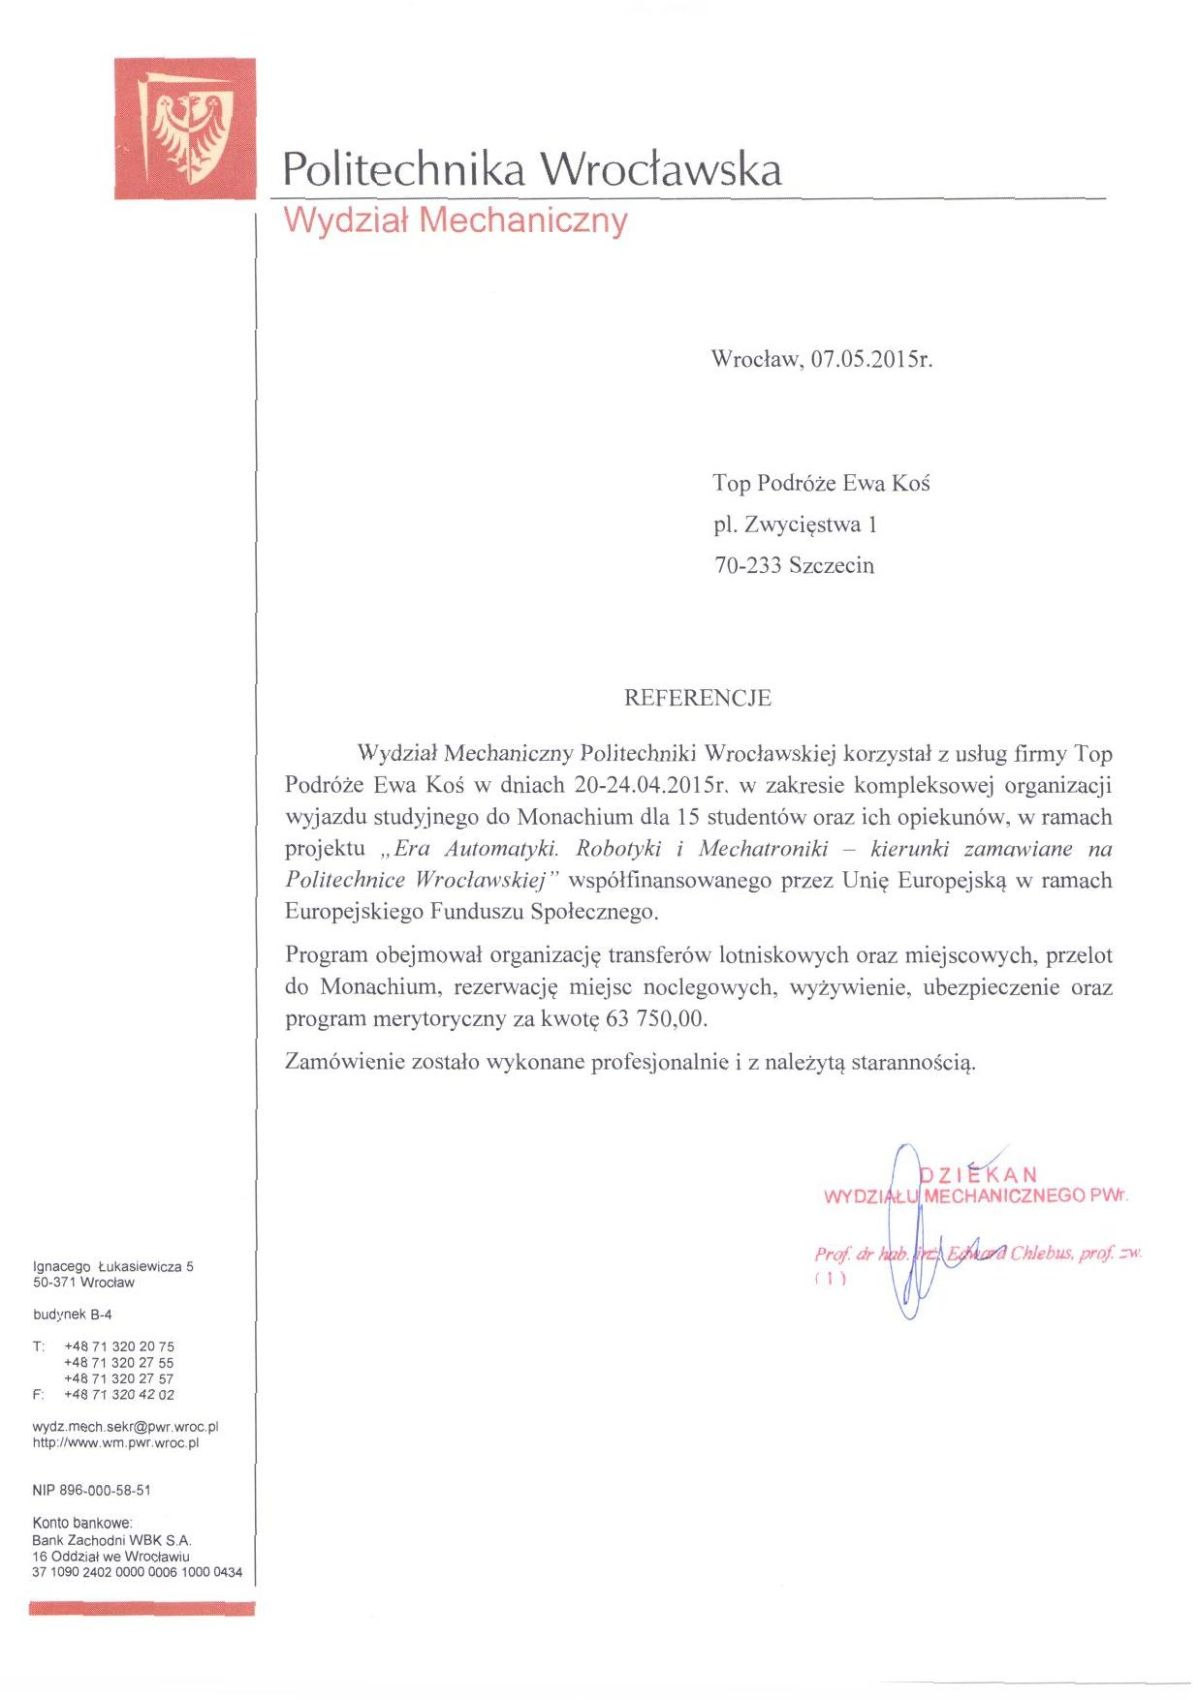 referencje Politechnika Wrocławska